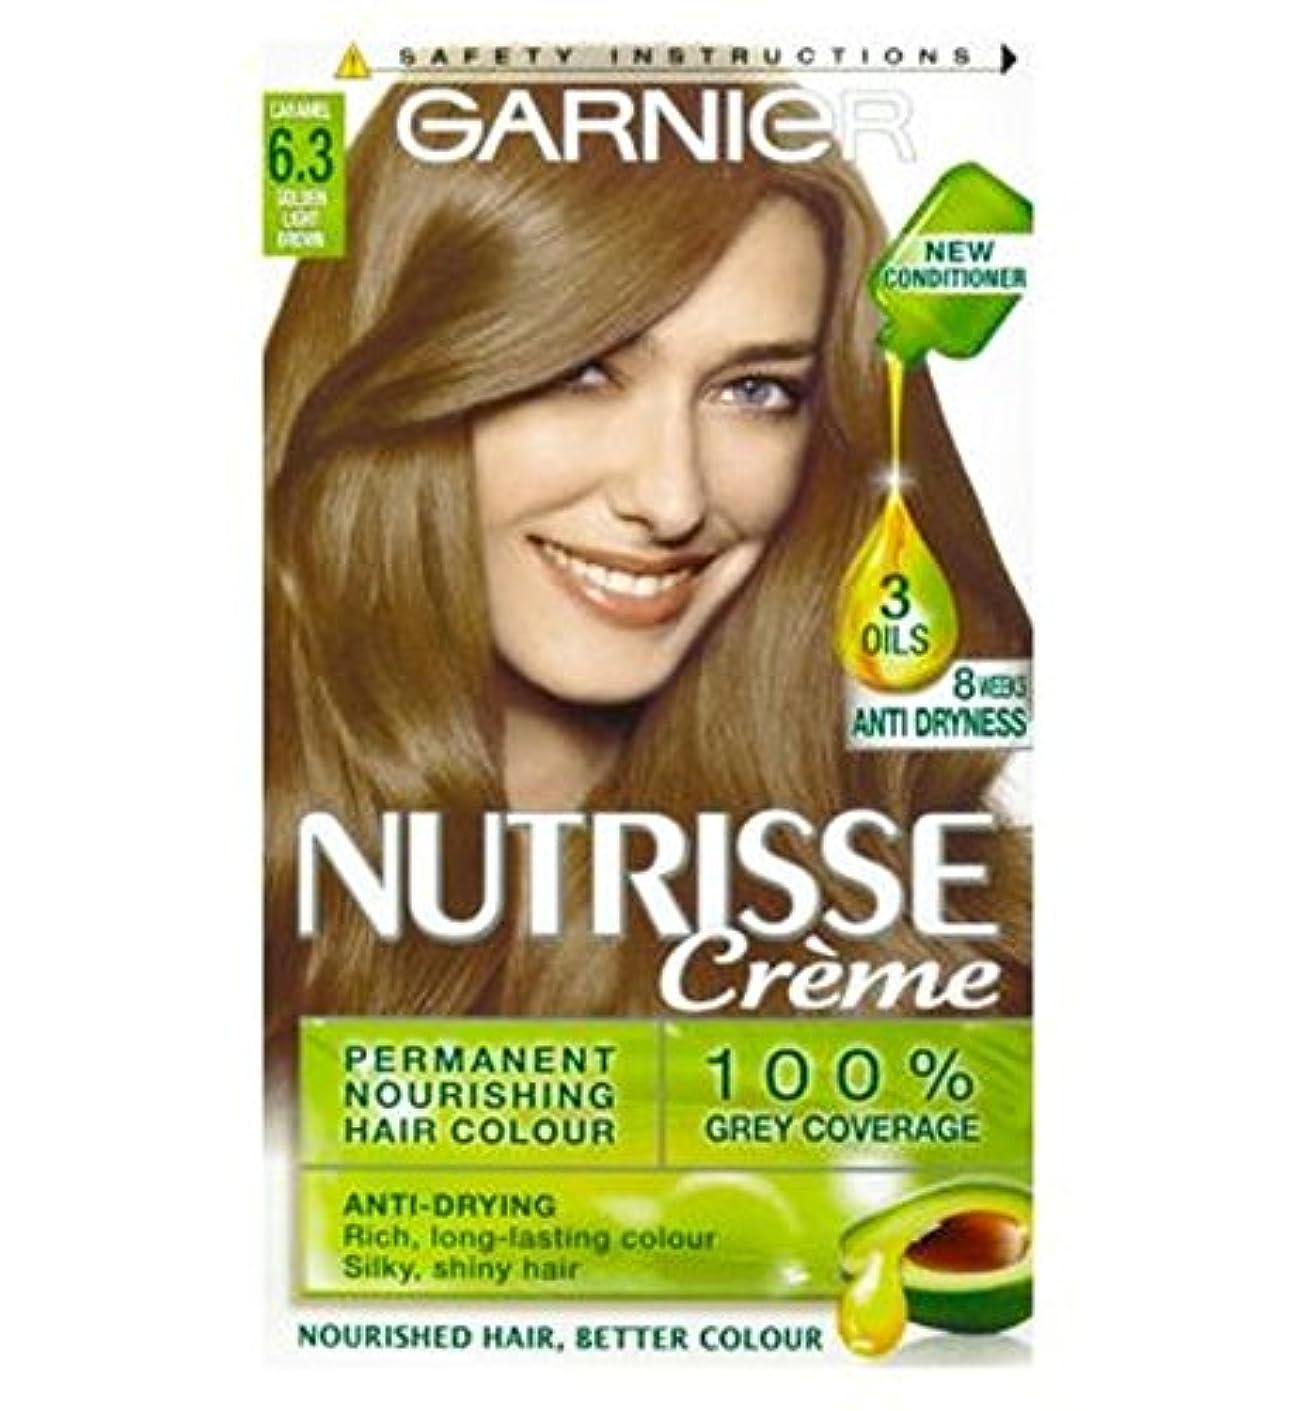 看板それによって診療所Garnier Nutrisse Cr?me Permanent Hair Colour 6.3 Caramel Light Brown - ガルニエNutrisseクリームパーマネントヘアカラー6.3キャラメルライトブラウン (Garnier) [並行輸入品]